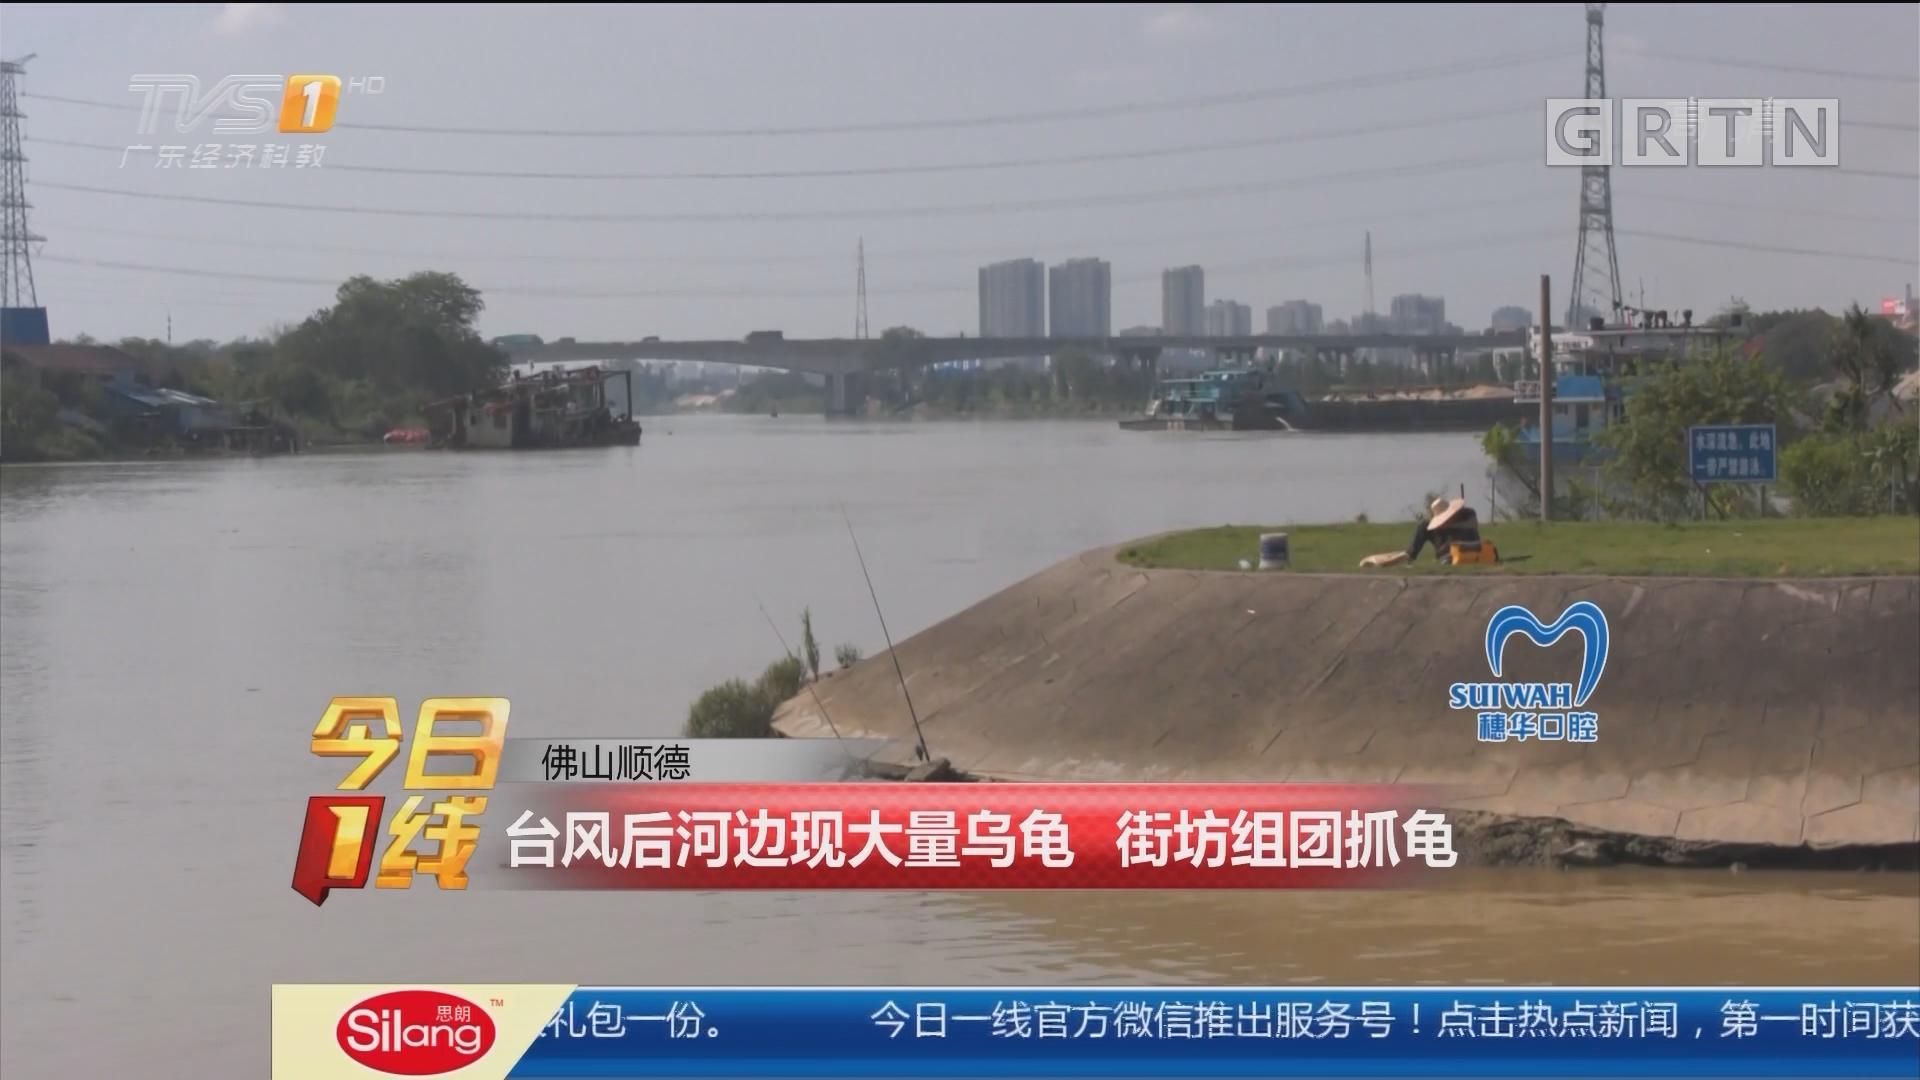 佛山顺德:台风后河边现大量乌龟 街坊组团抓龟